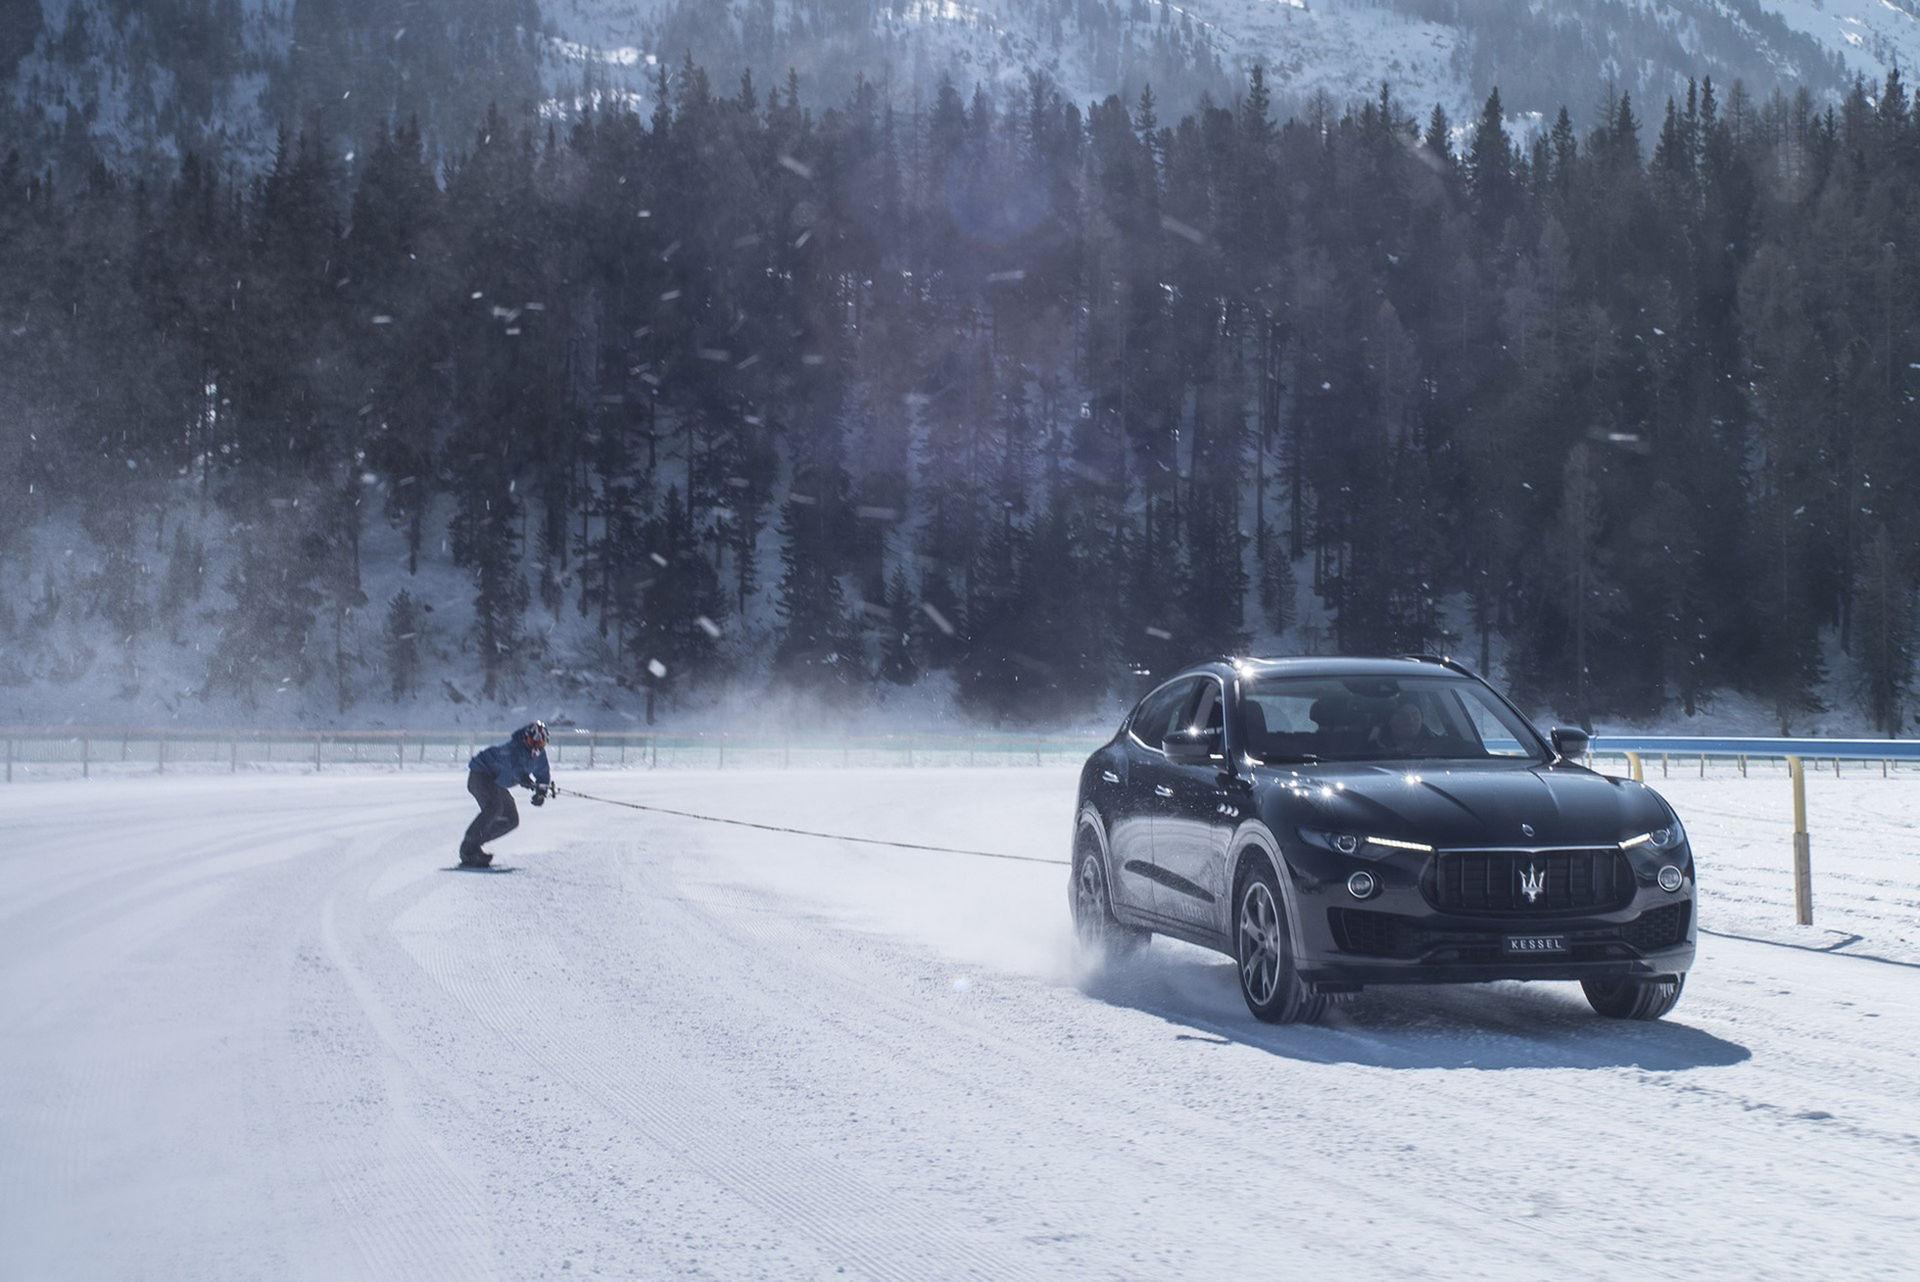 Nytt världsrekord på snowboard bakom bil